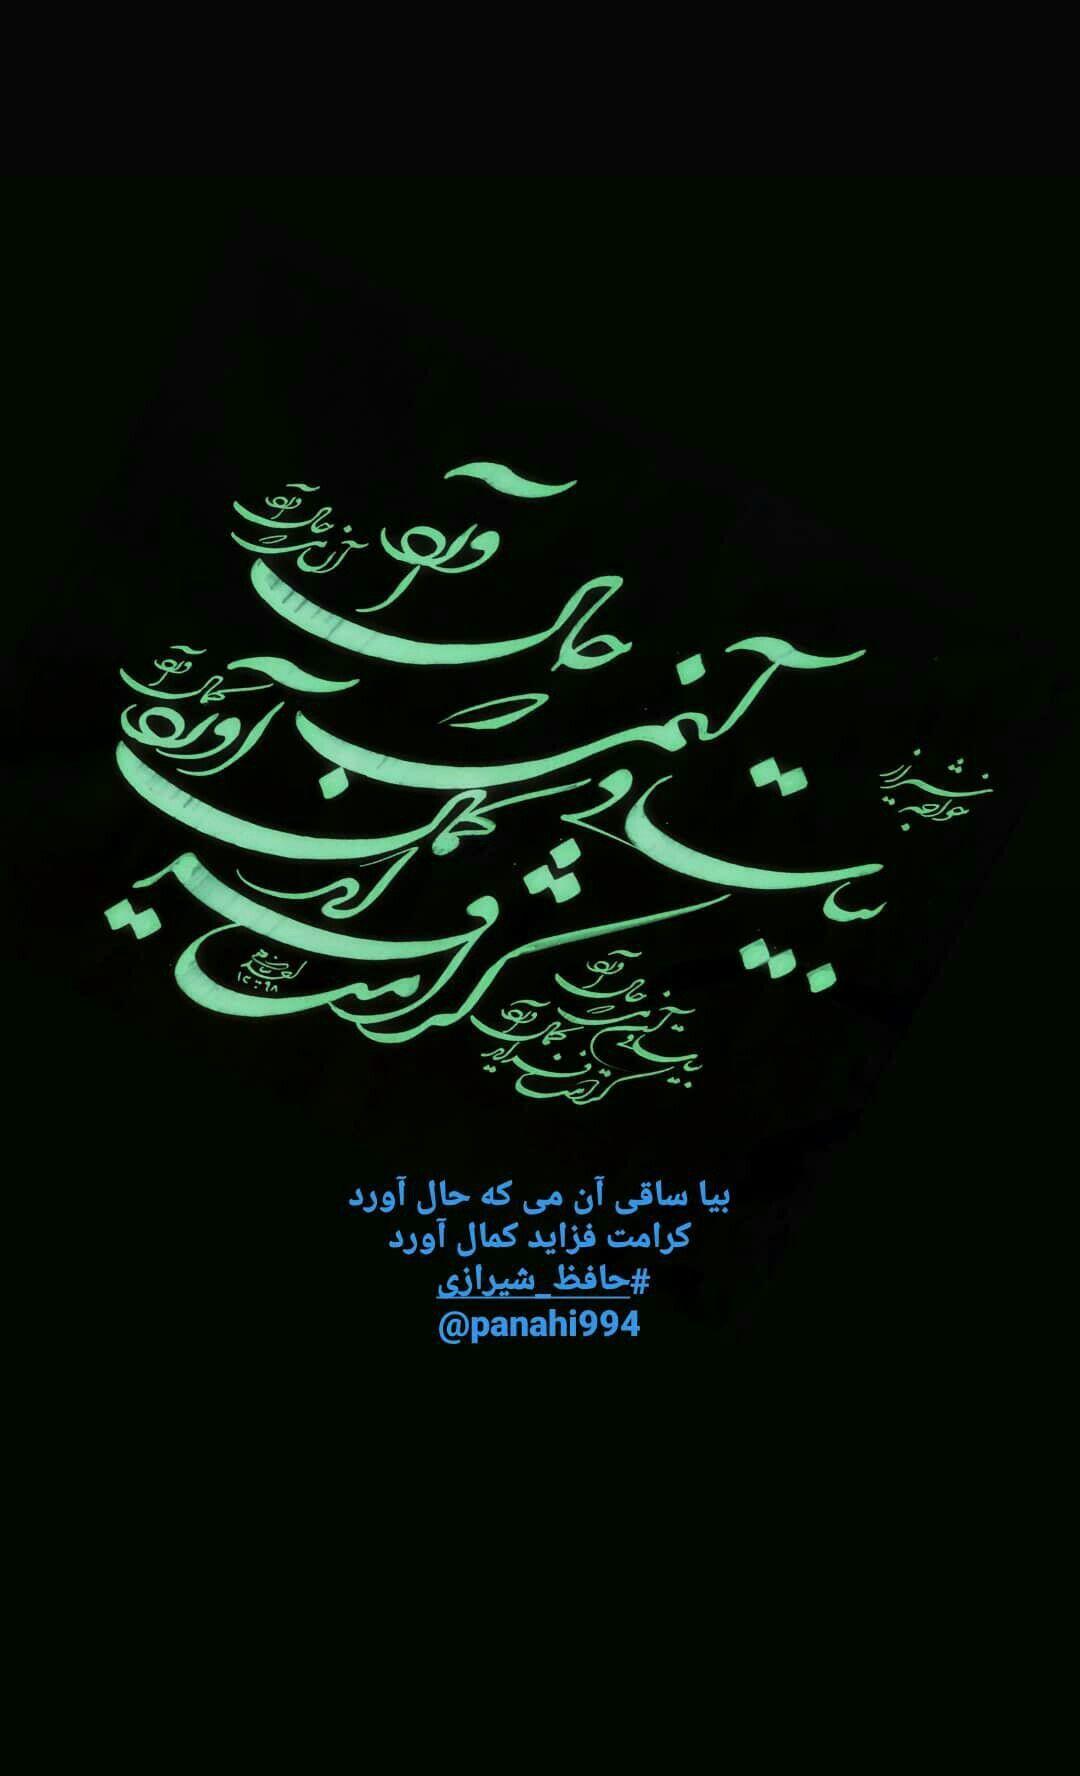 ساقی بیا آن می که حال آورد کرامت فزاید کمال آورد حافظ Farsi Poem Calligraphy Text